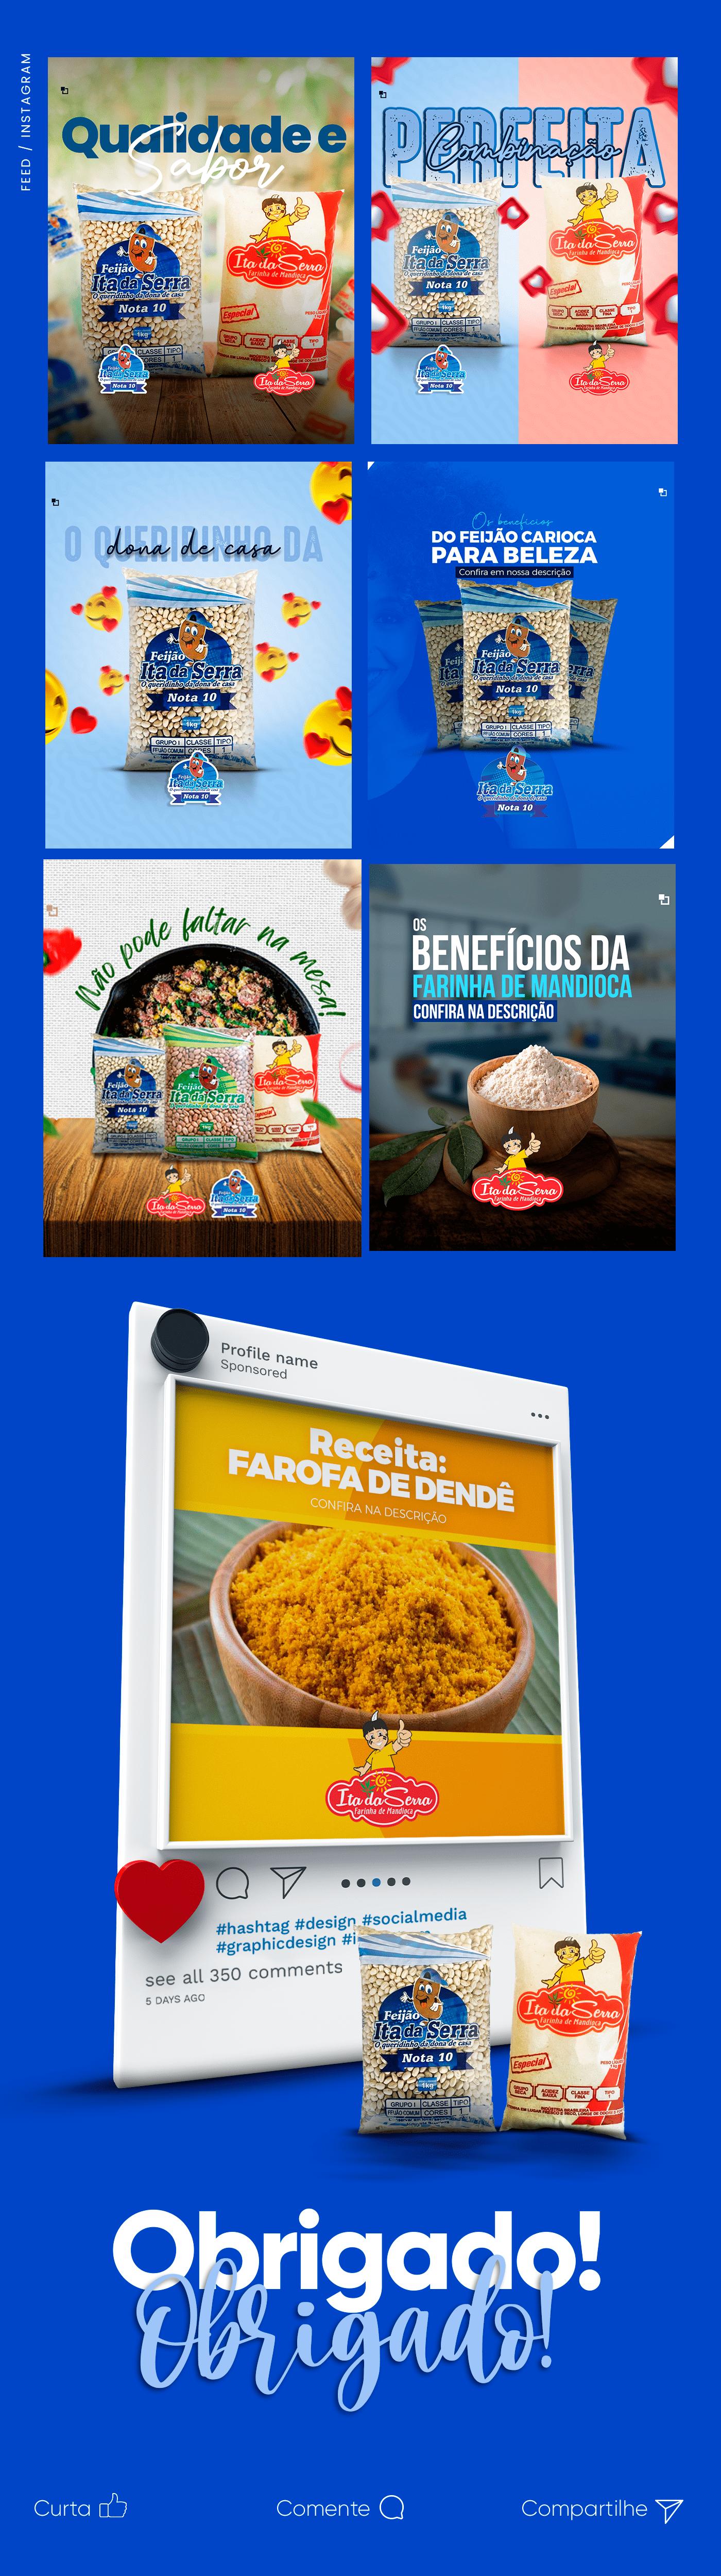 alimenticios distribuidora facebook instagram marketing digital photoshop rede social representação sergipe social media